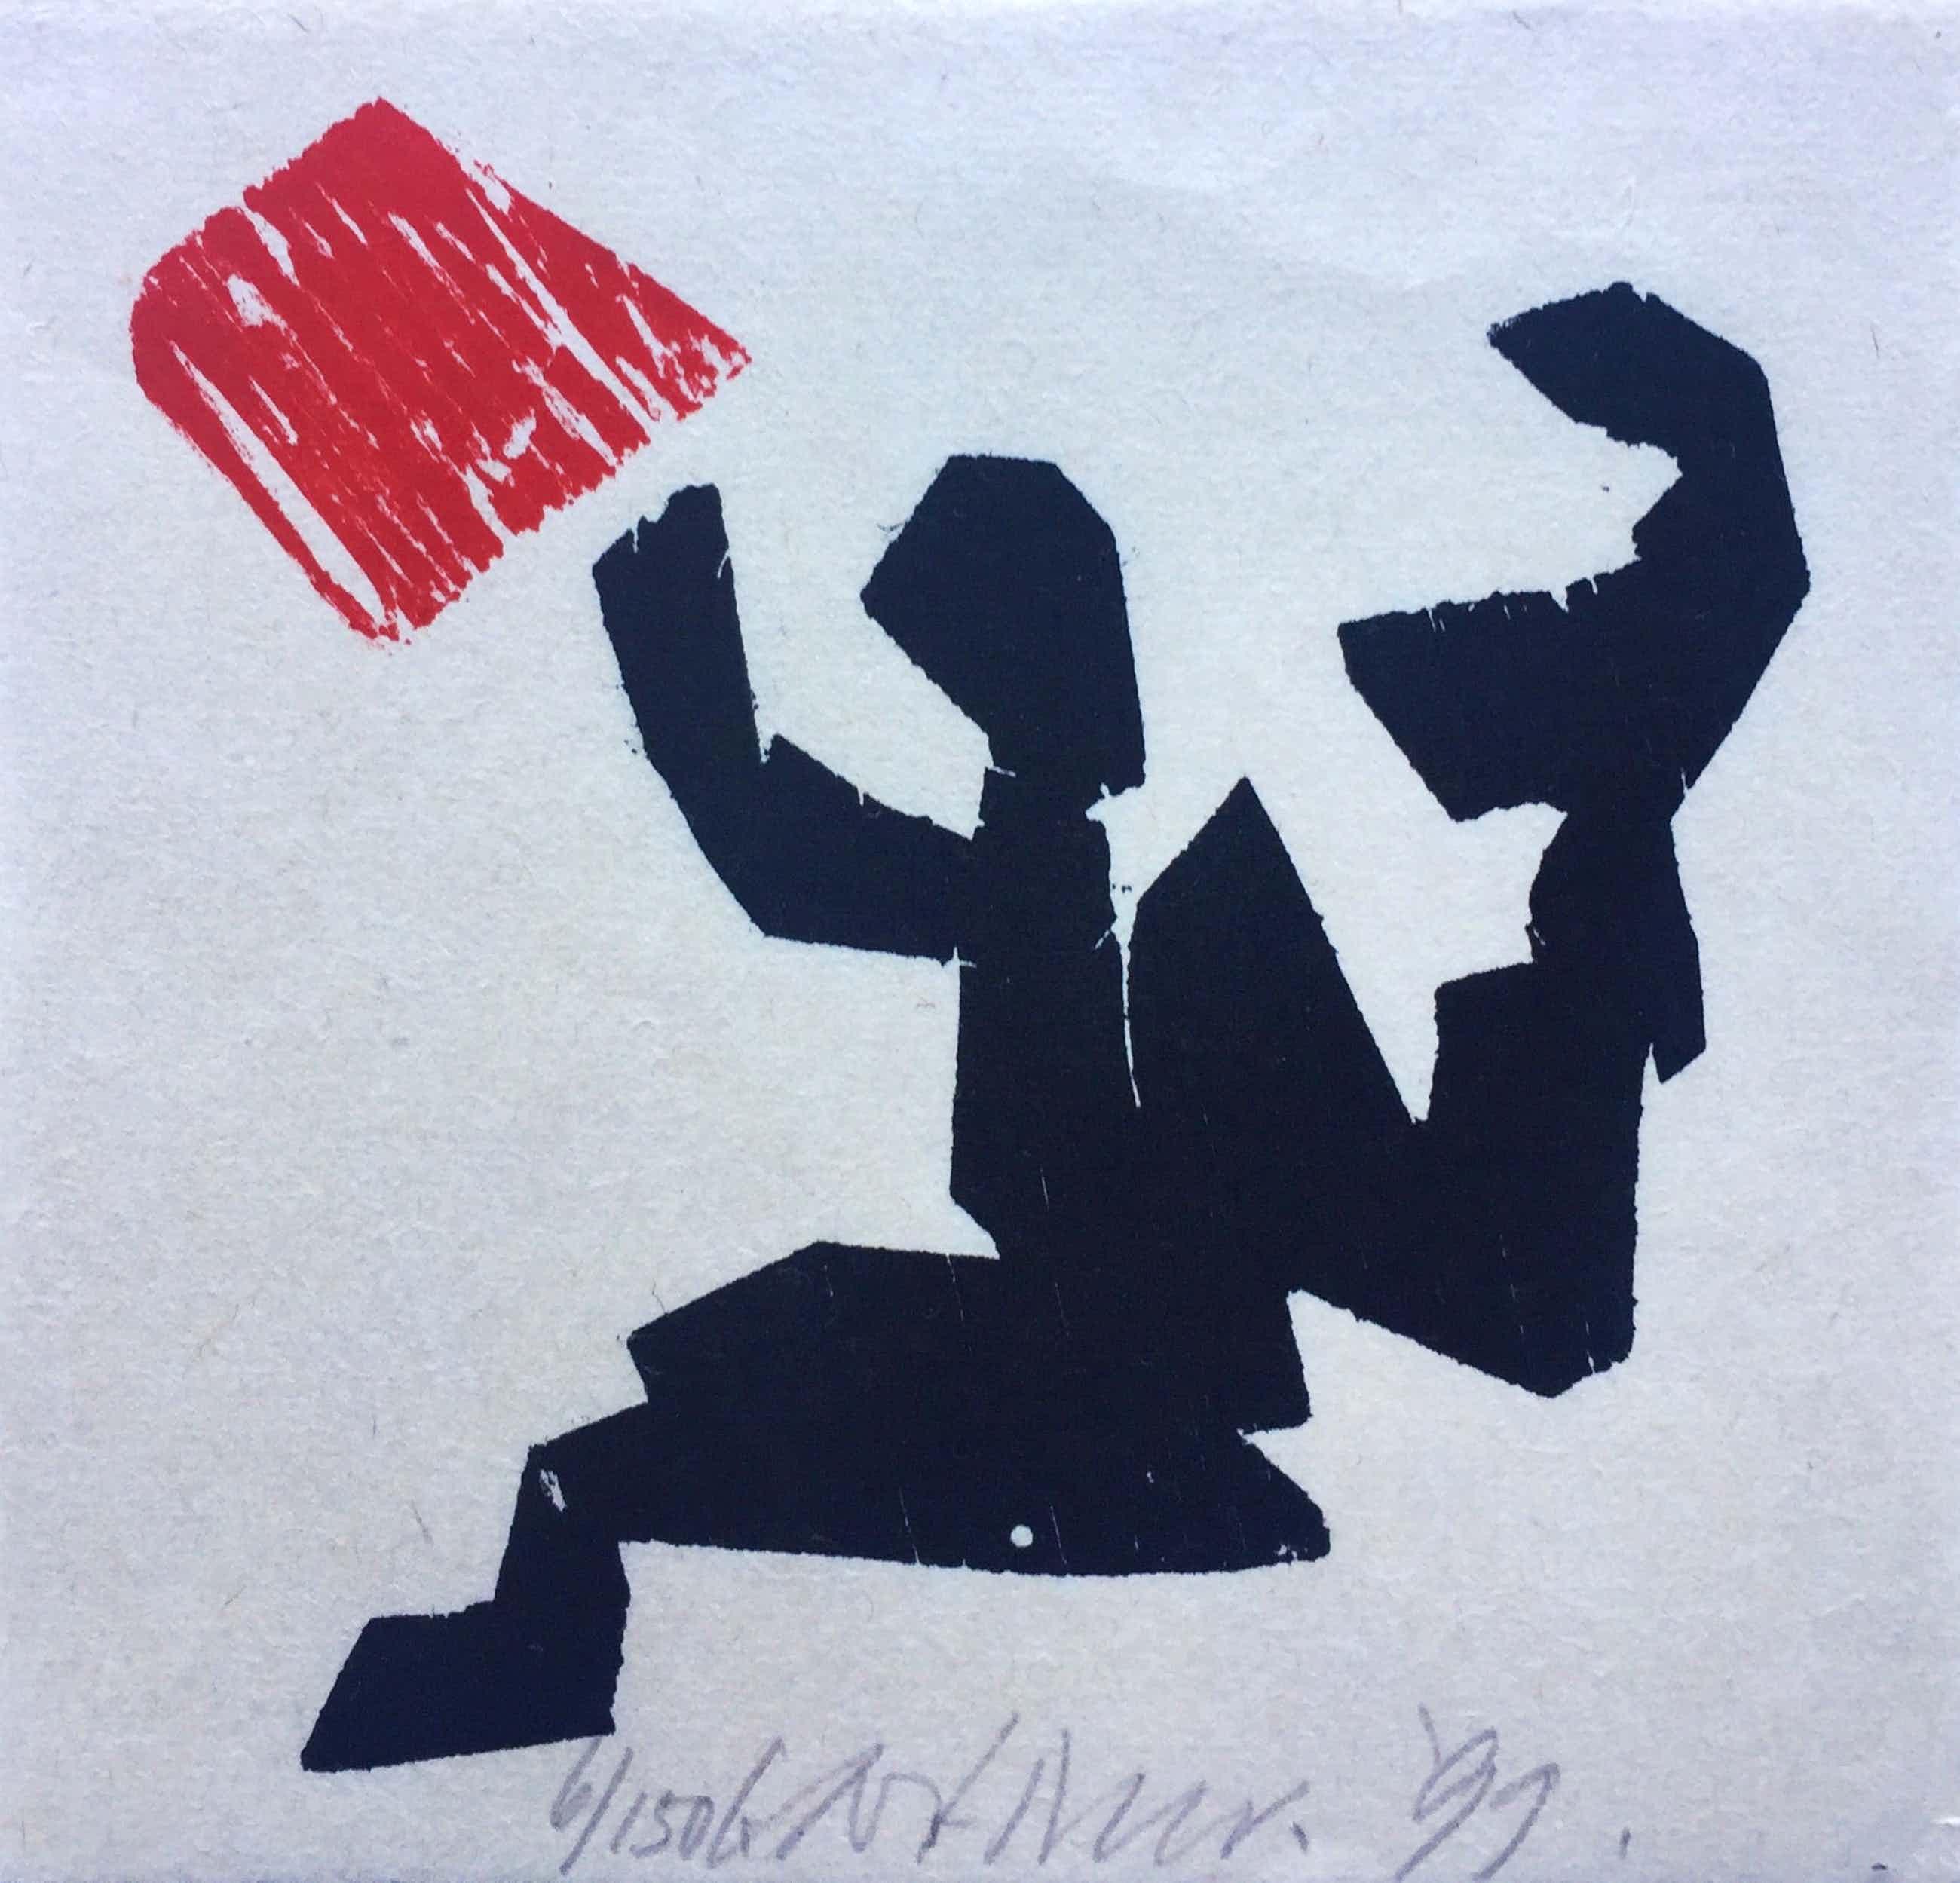 Carel Visser - houtsnede - zonder titel- 1999 kopen? Bied vanaf 85!